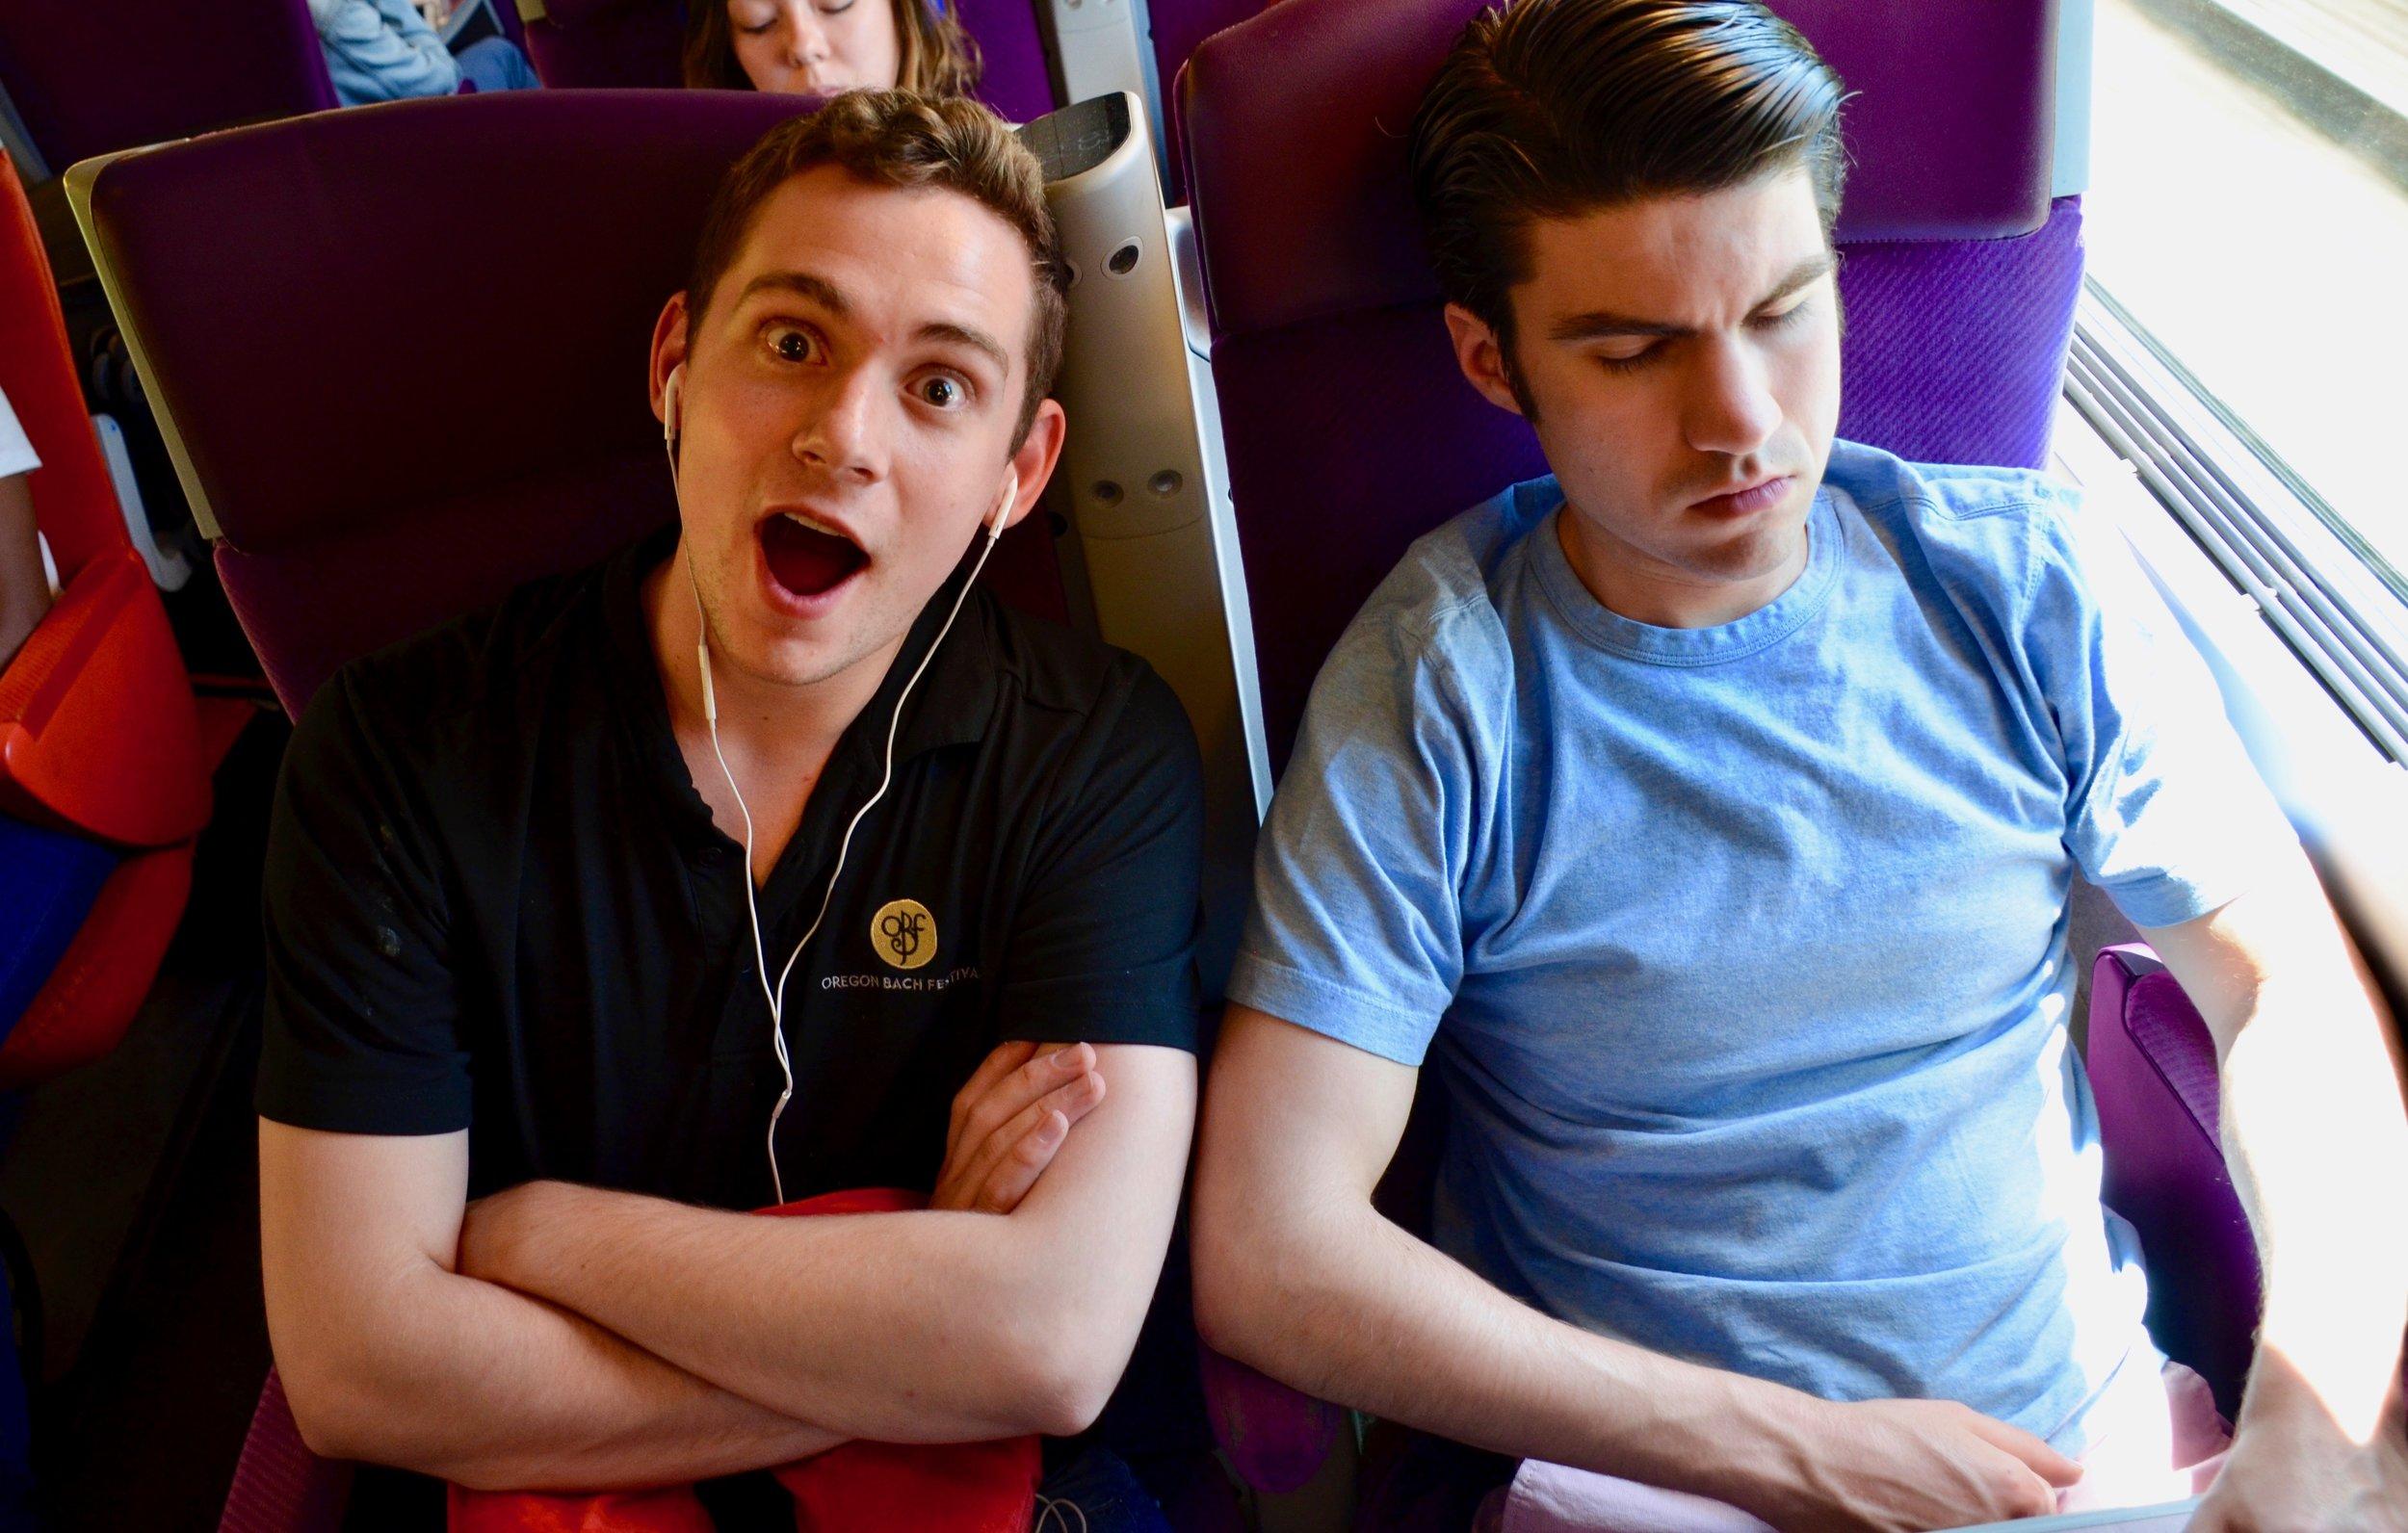 David von Behren and Brandon Santini on the TGV to Toulouse.